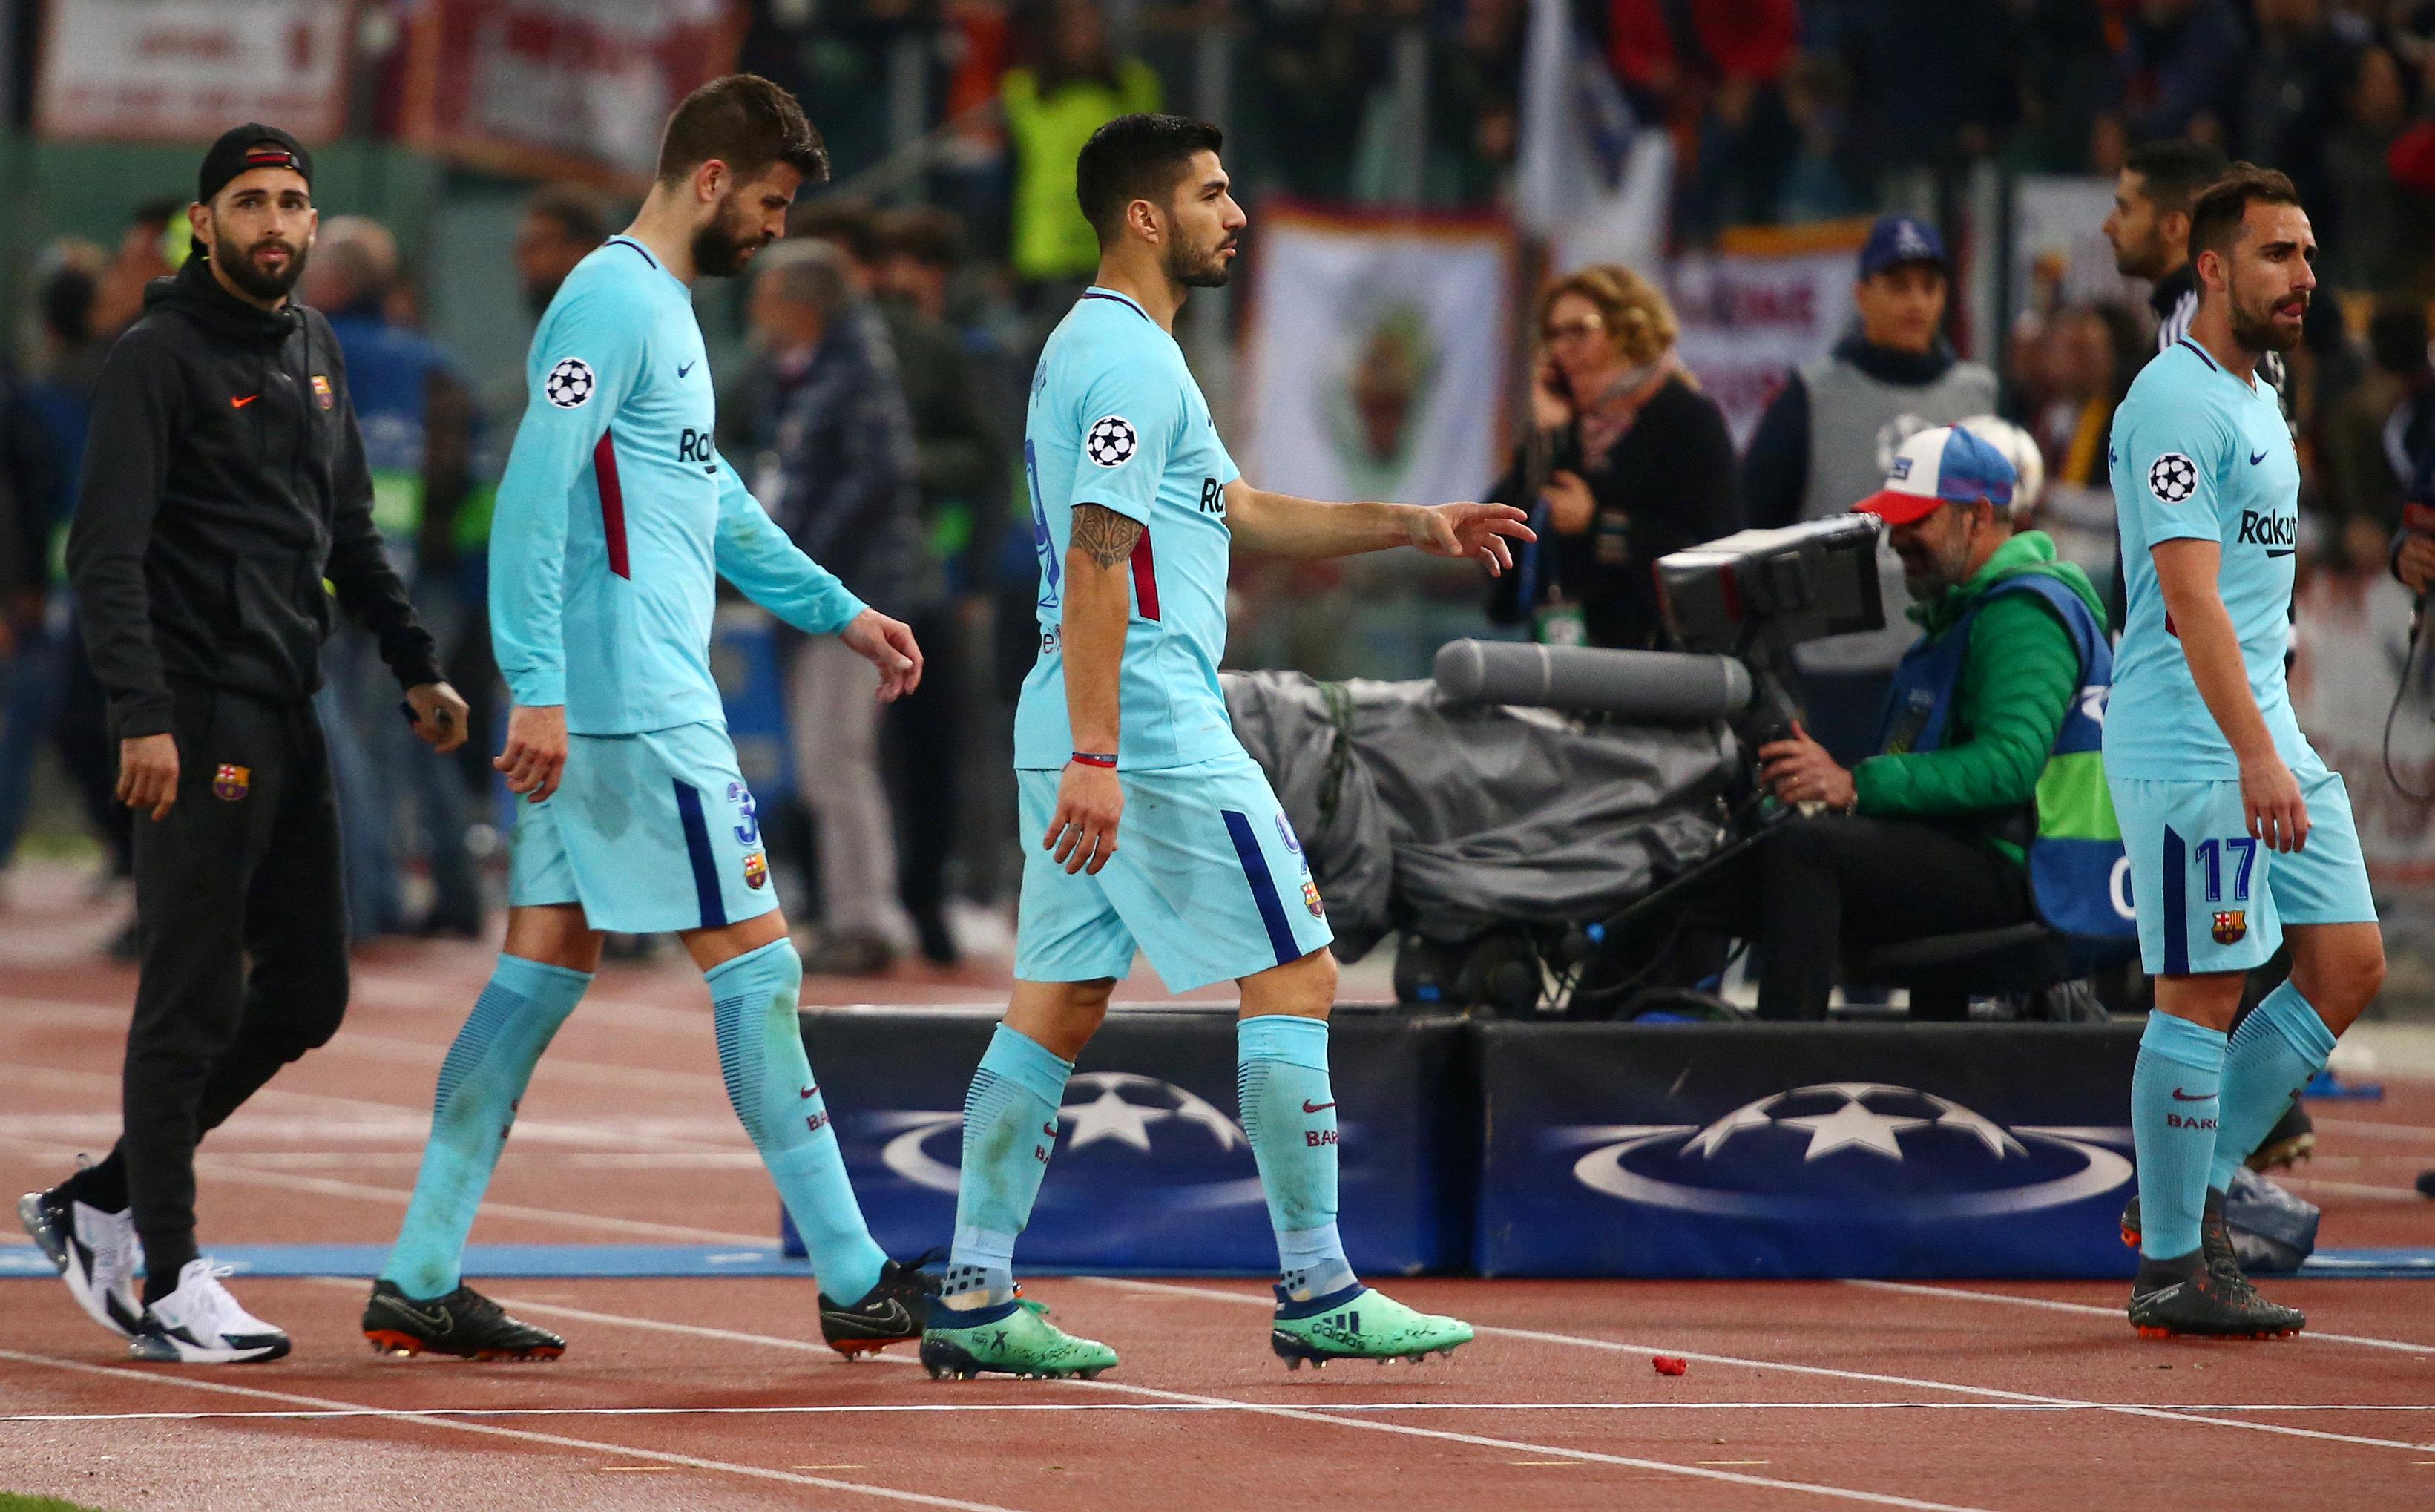 Nỗi thất vọng của các cầu thủ Barcelona sau trận thua AS Roma. Ảnh: REUTERS